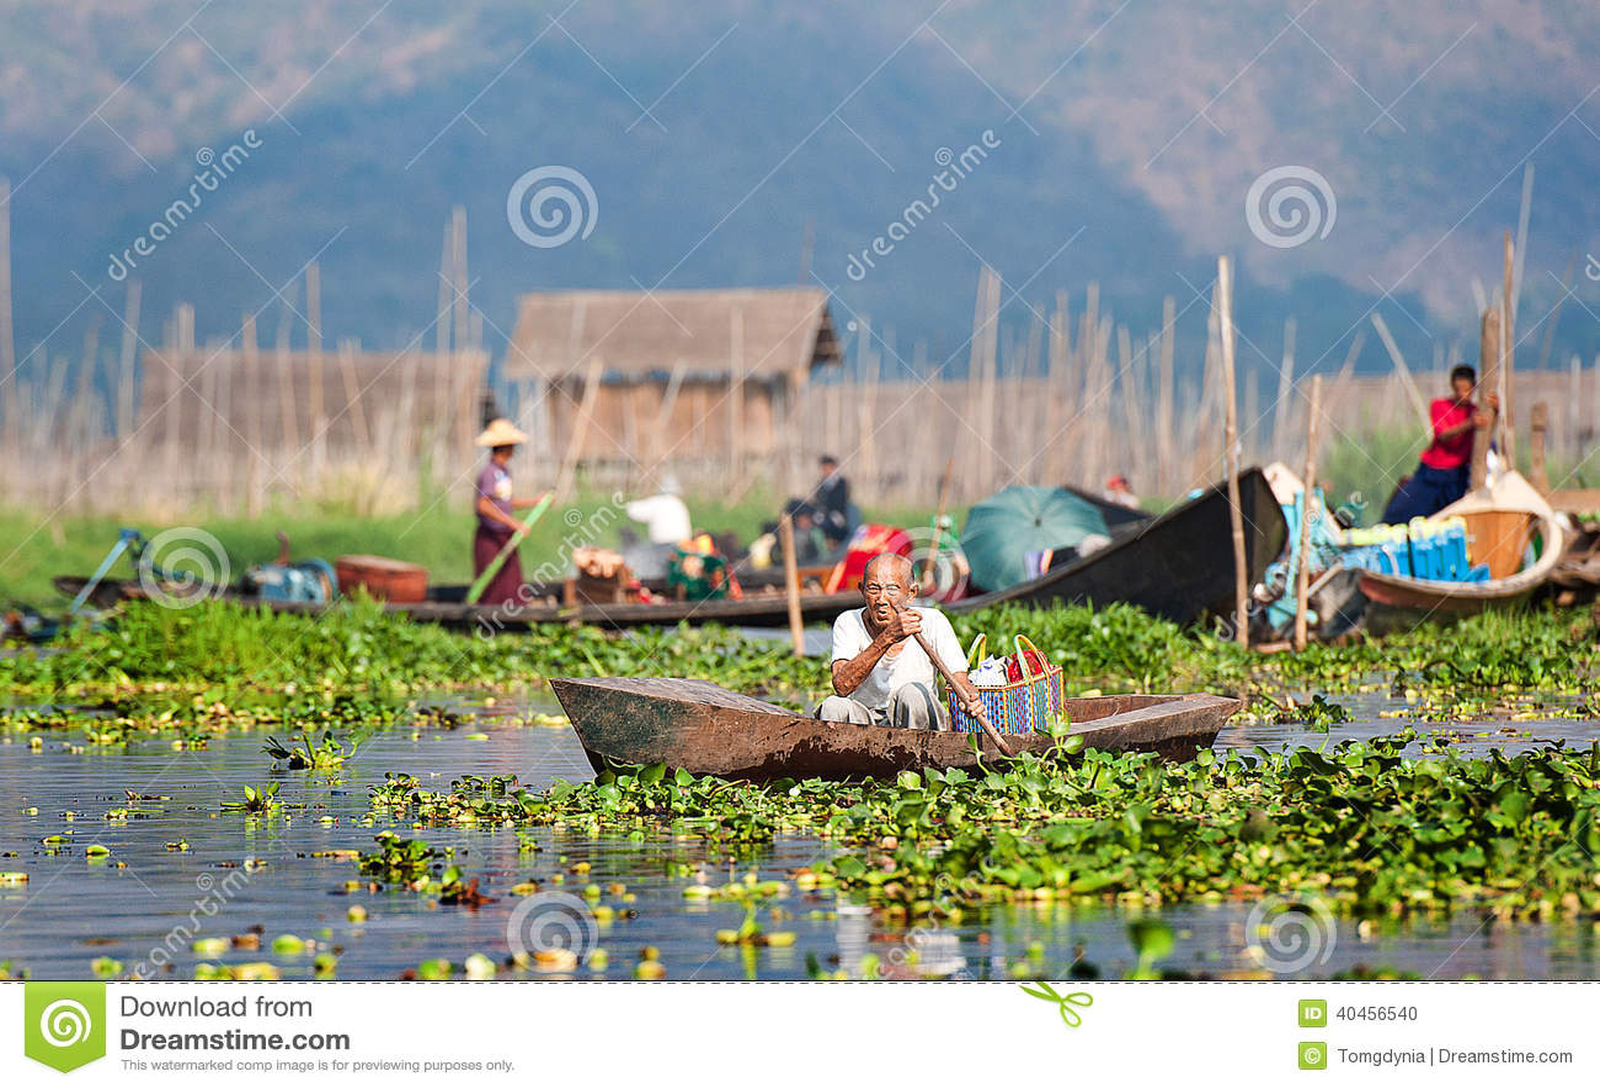 Burmese Fishermen At Inle Lake, Myanmar Stock Photo - Image: 44399794